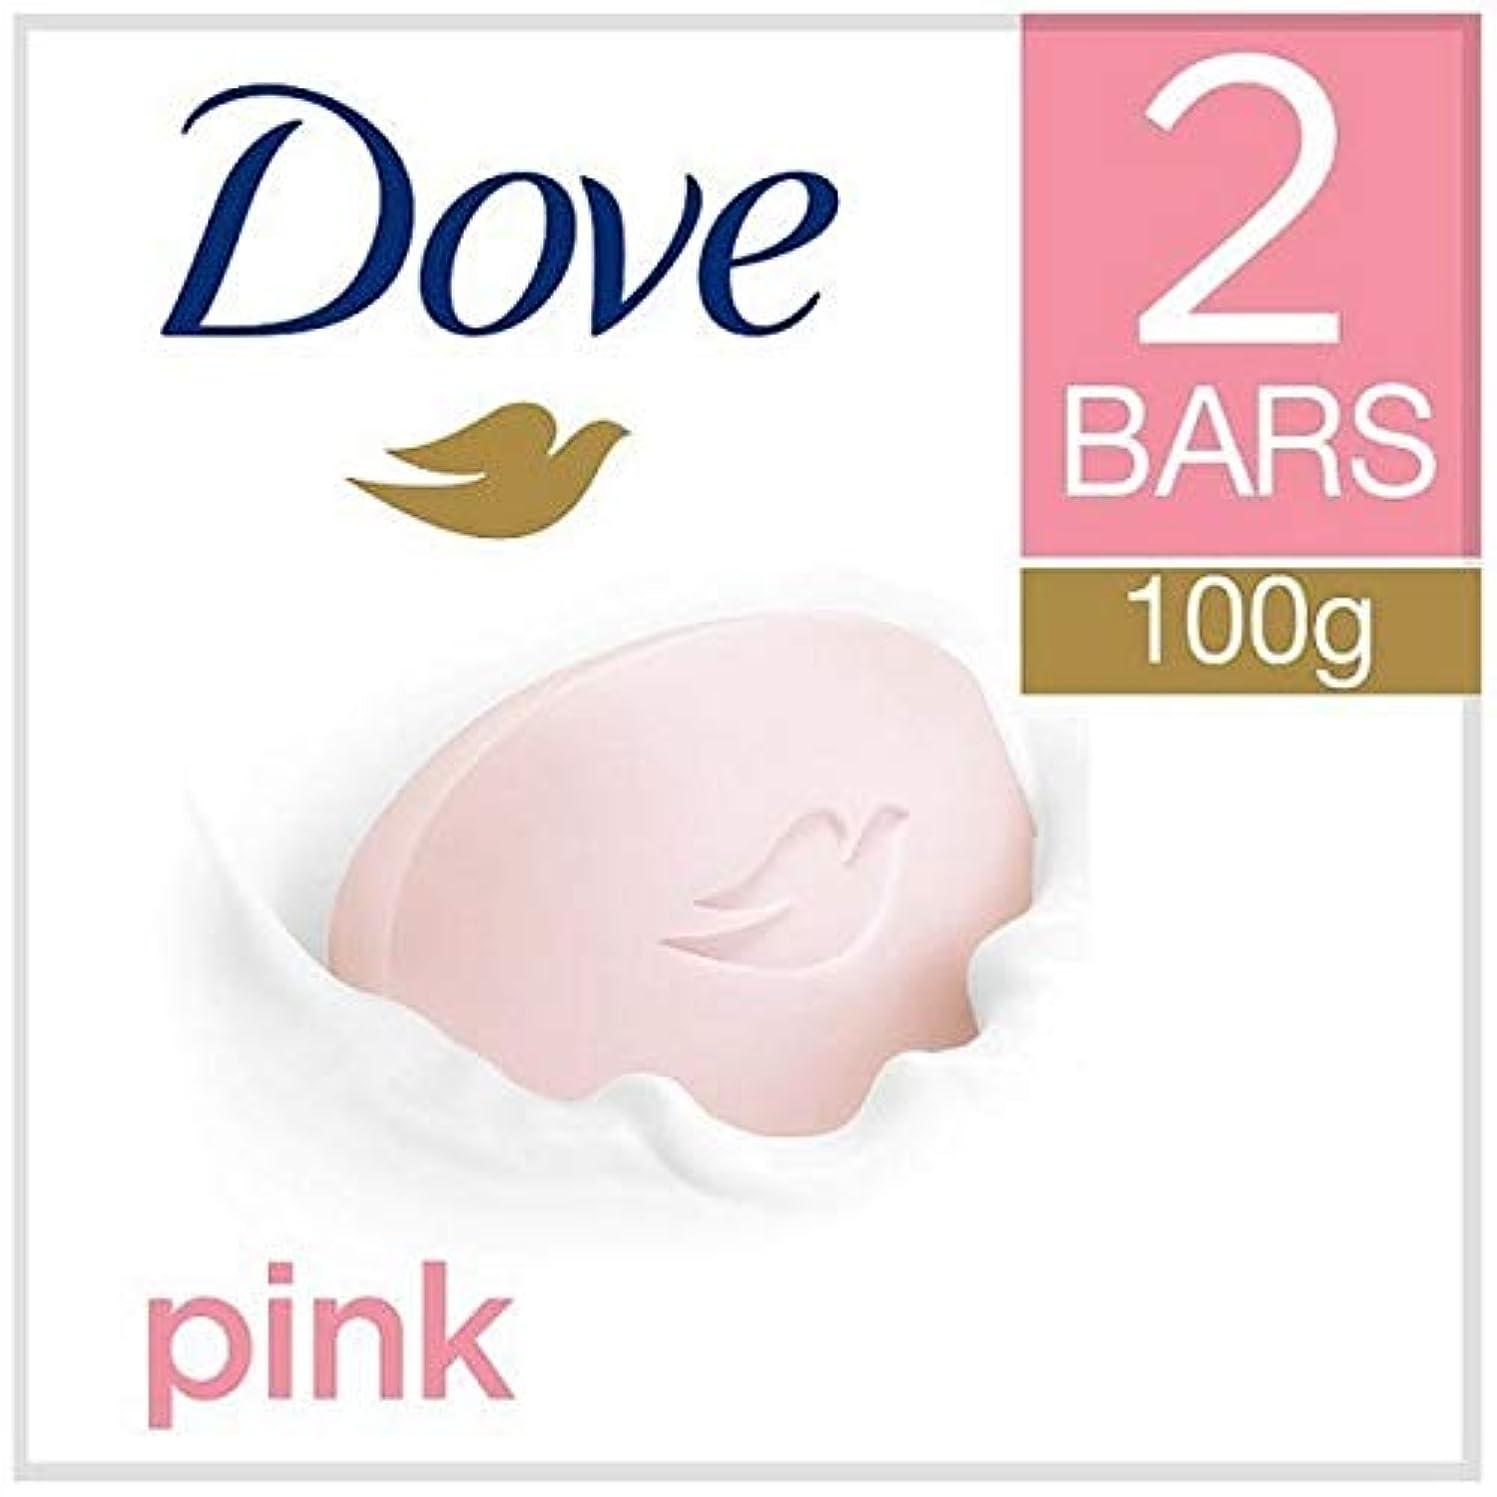 死の顎討論できた[Dove ] 鳩ピンク美容クリームバー2X100G - Dove Pink Beauty Cream Bar 2x100g [並行輸入品]